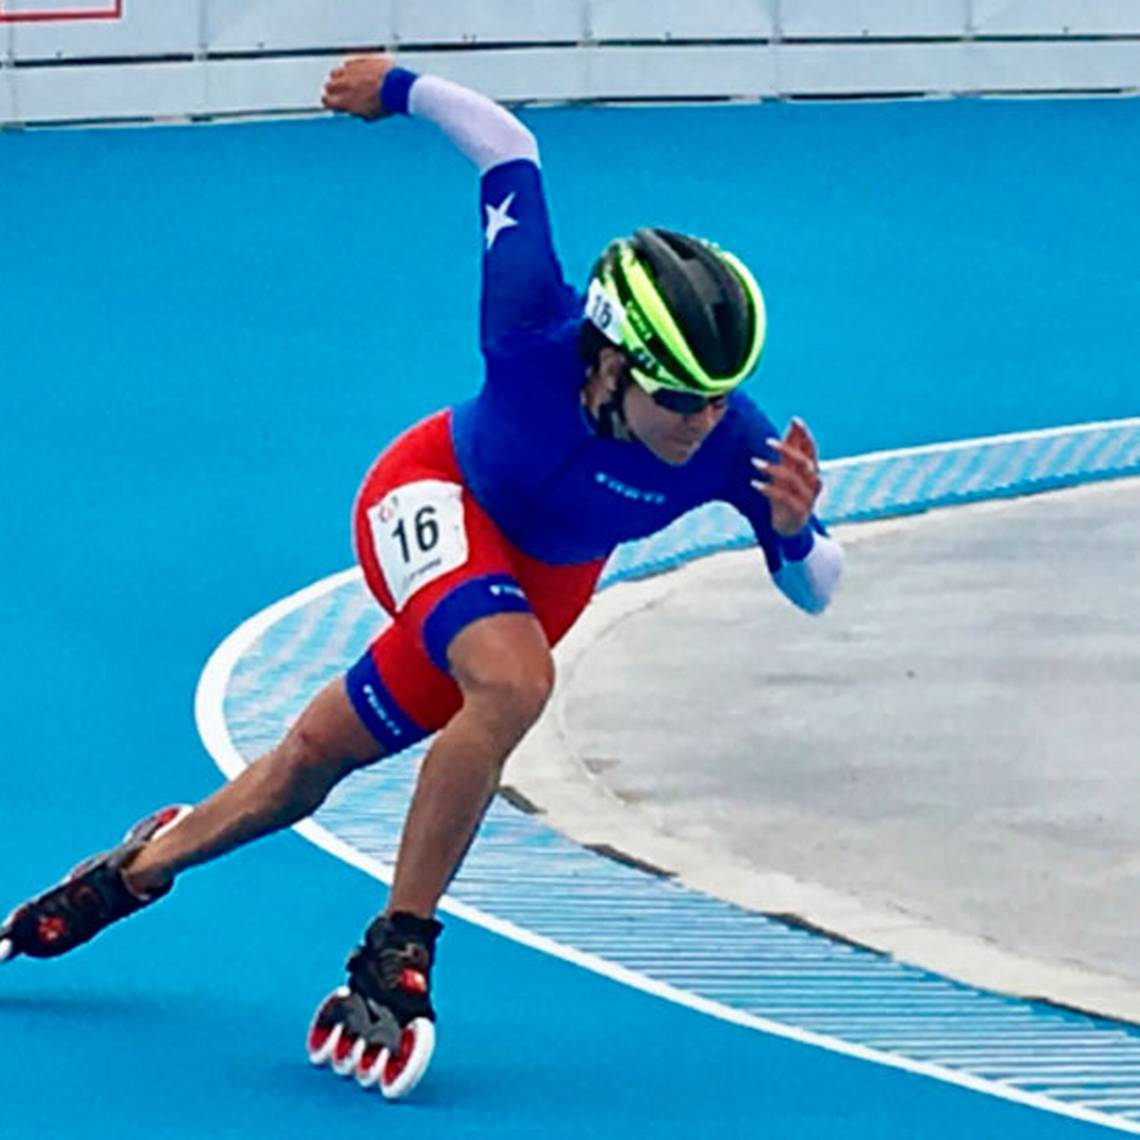 María José Moya cuarta y Lucas Silva quinto en Juegos Mundiales en Breslavia, Polonia